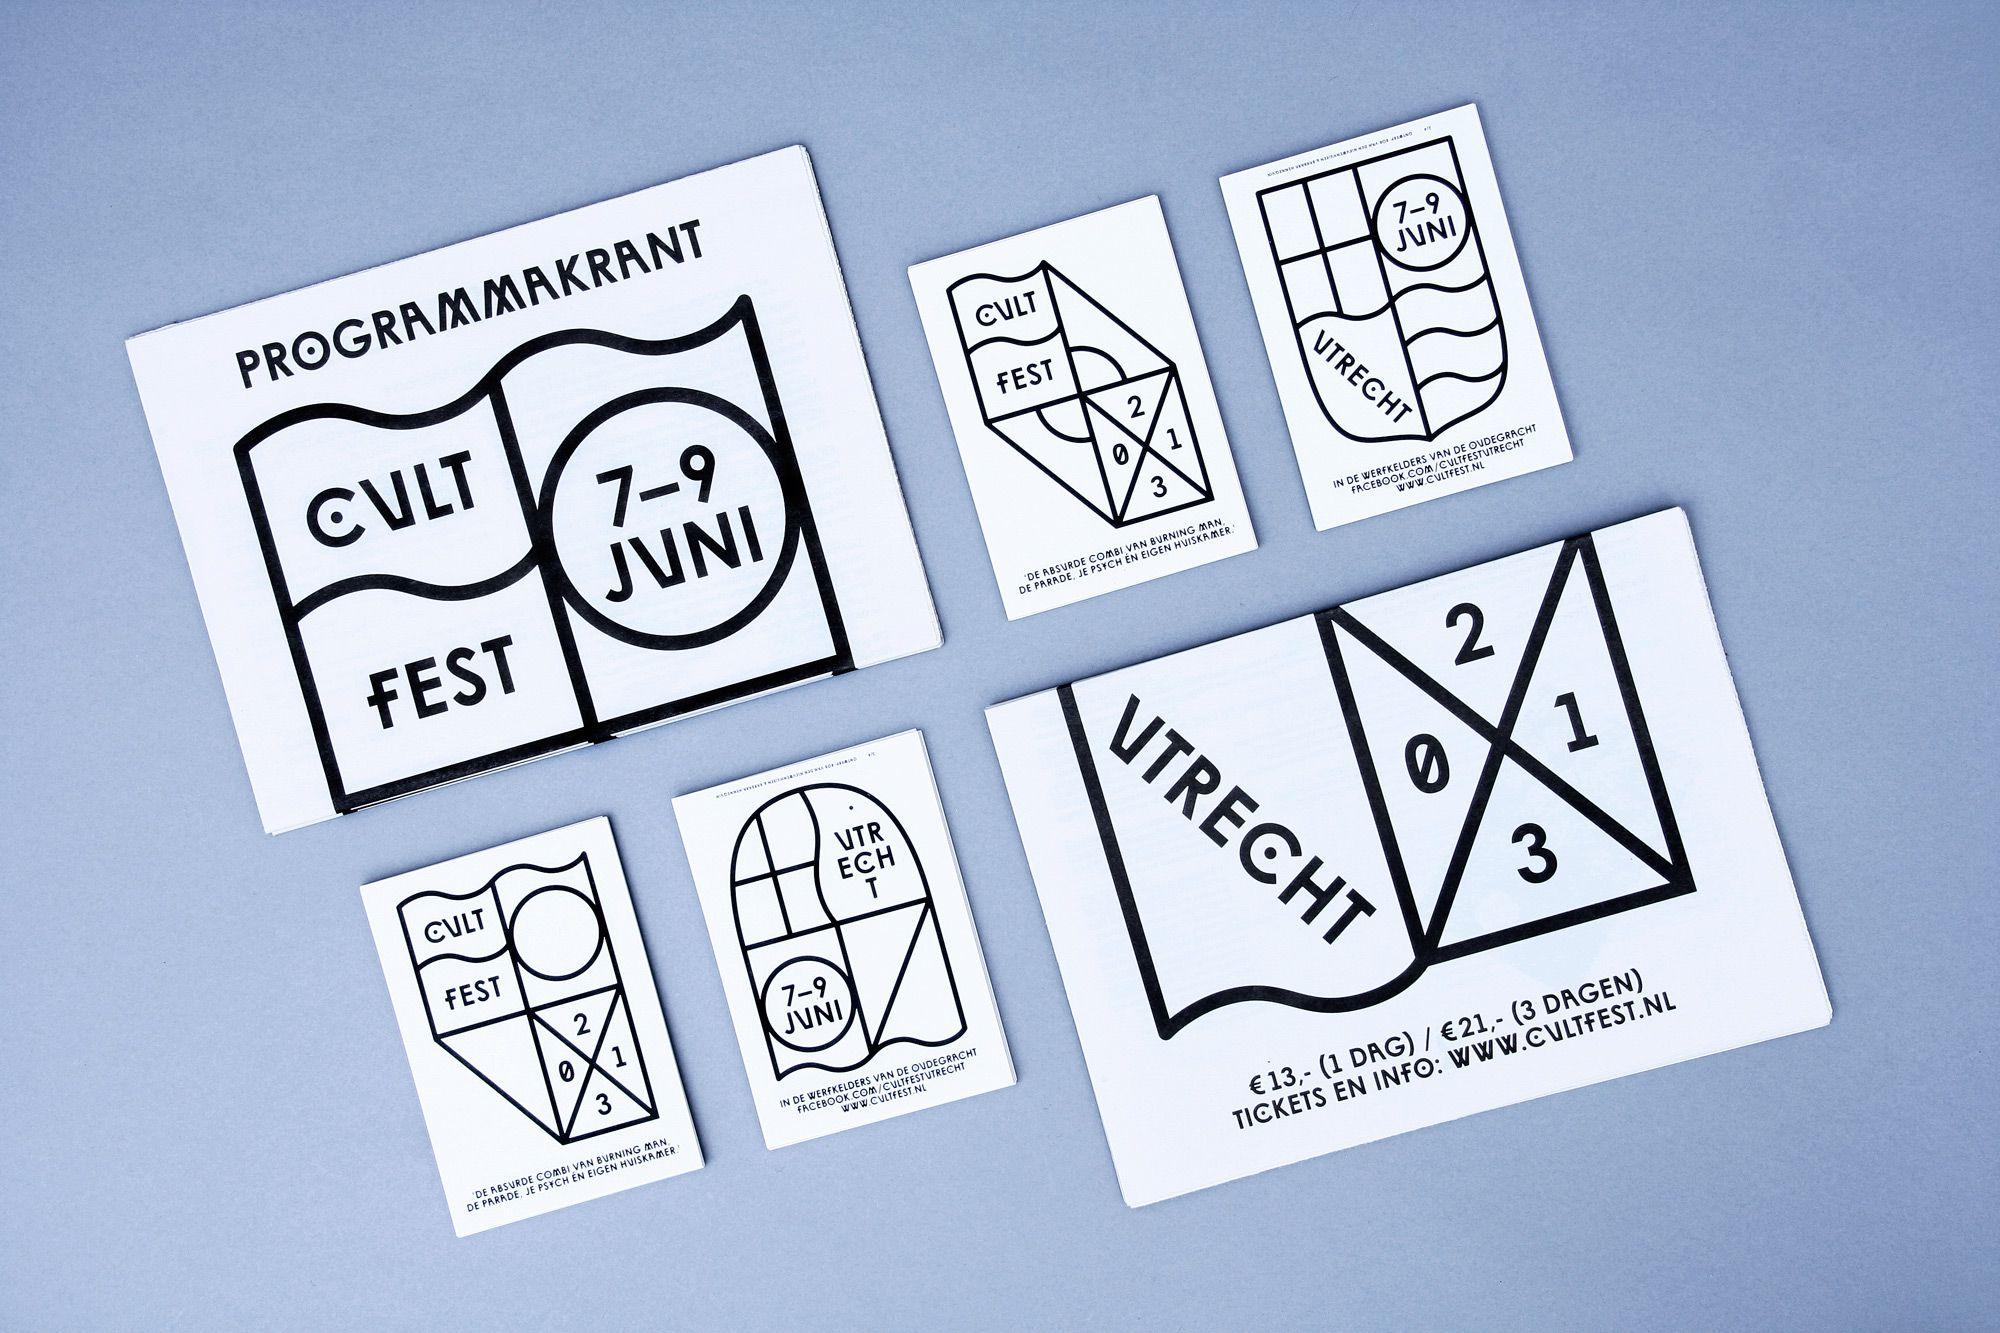 BarbaraHennequin-Cultfest-01